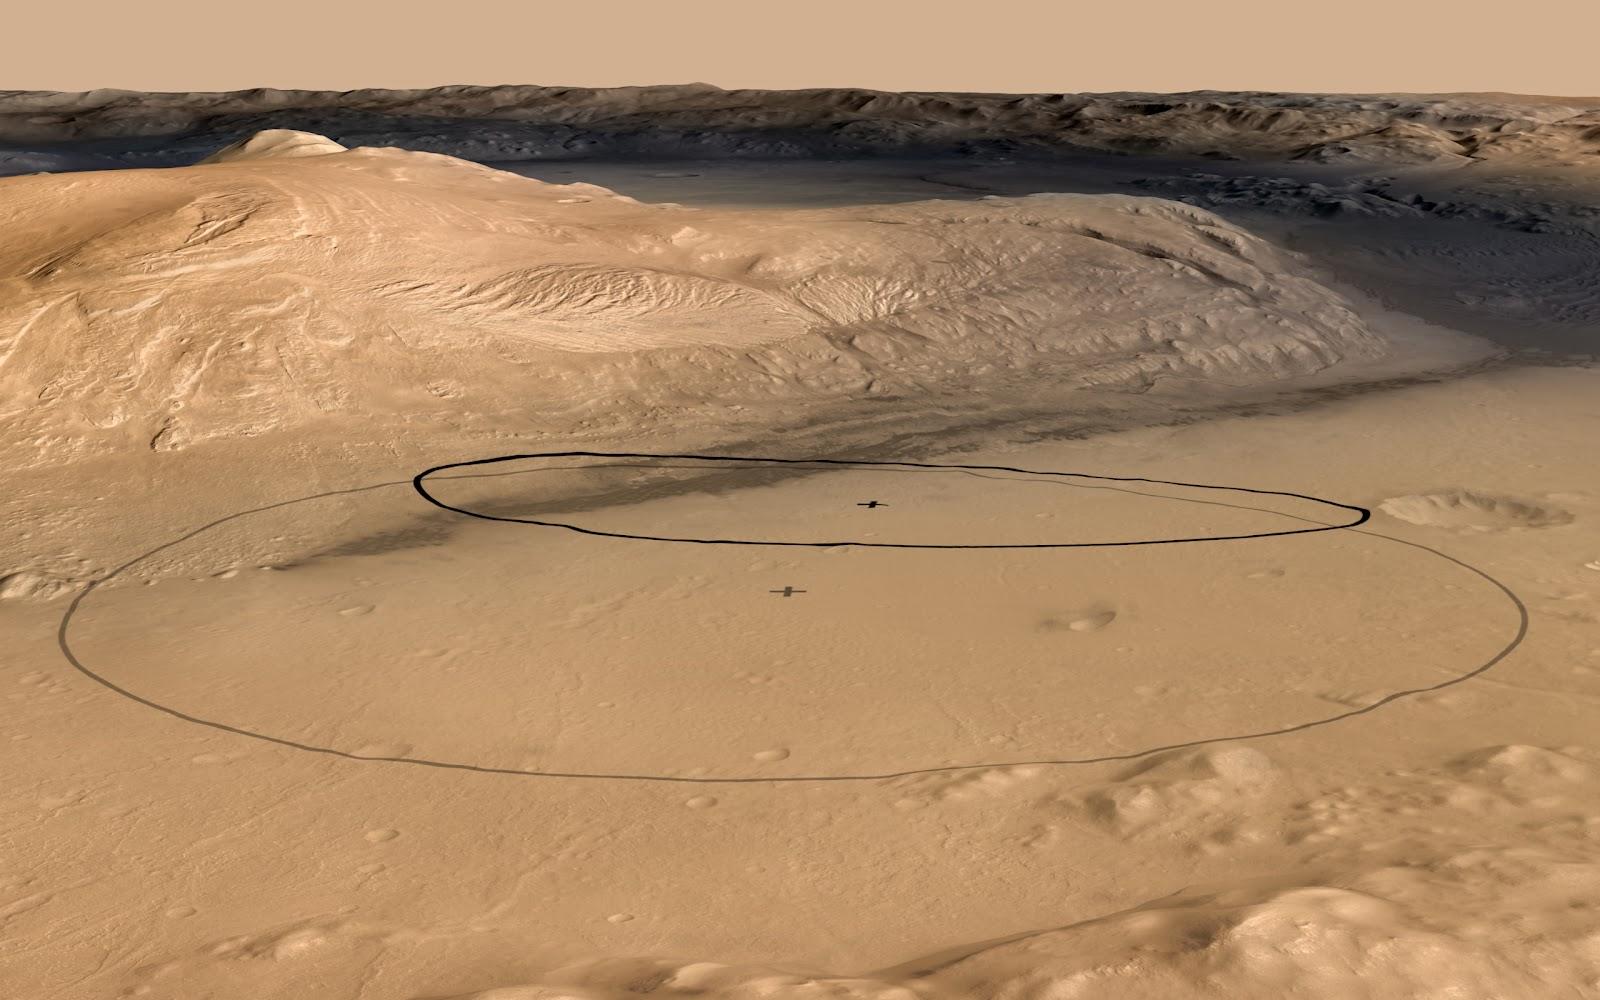 mars rover landing photos - photo #38